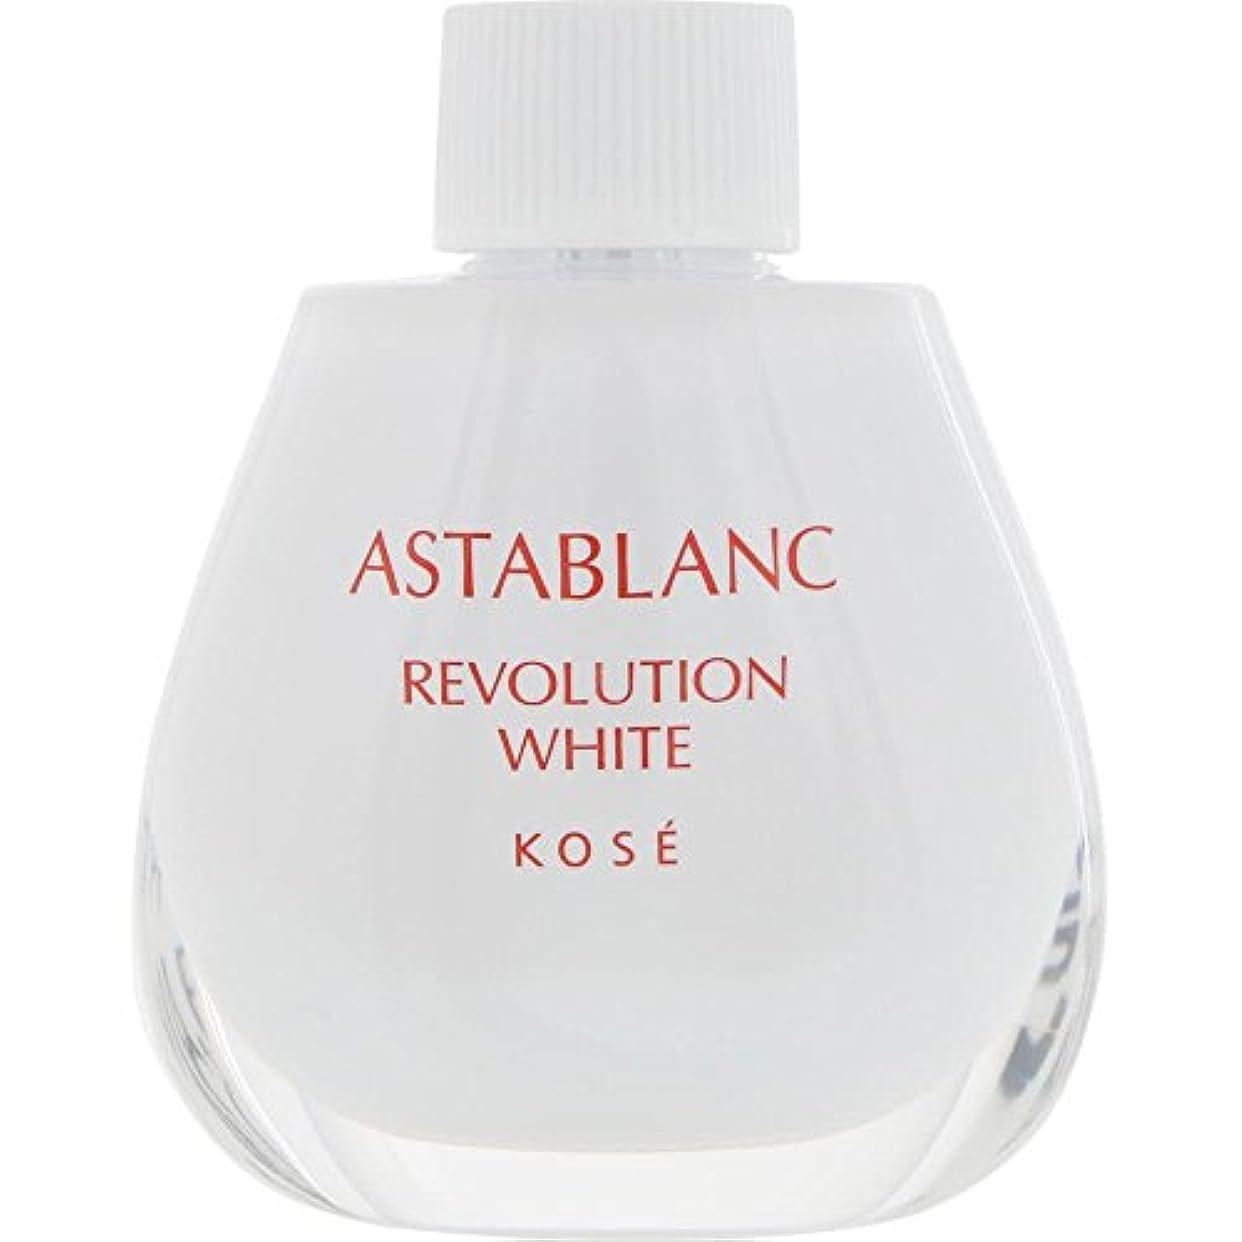 締める最も早いカプラー[医薬部外品] アスタブラン レボリューション ホワイト (付けかえ用) 30mL